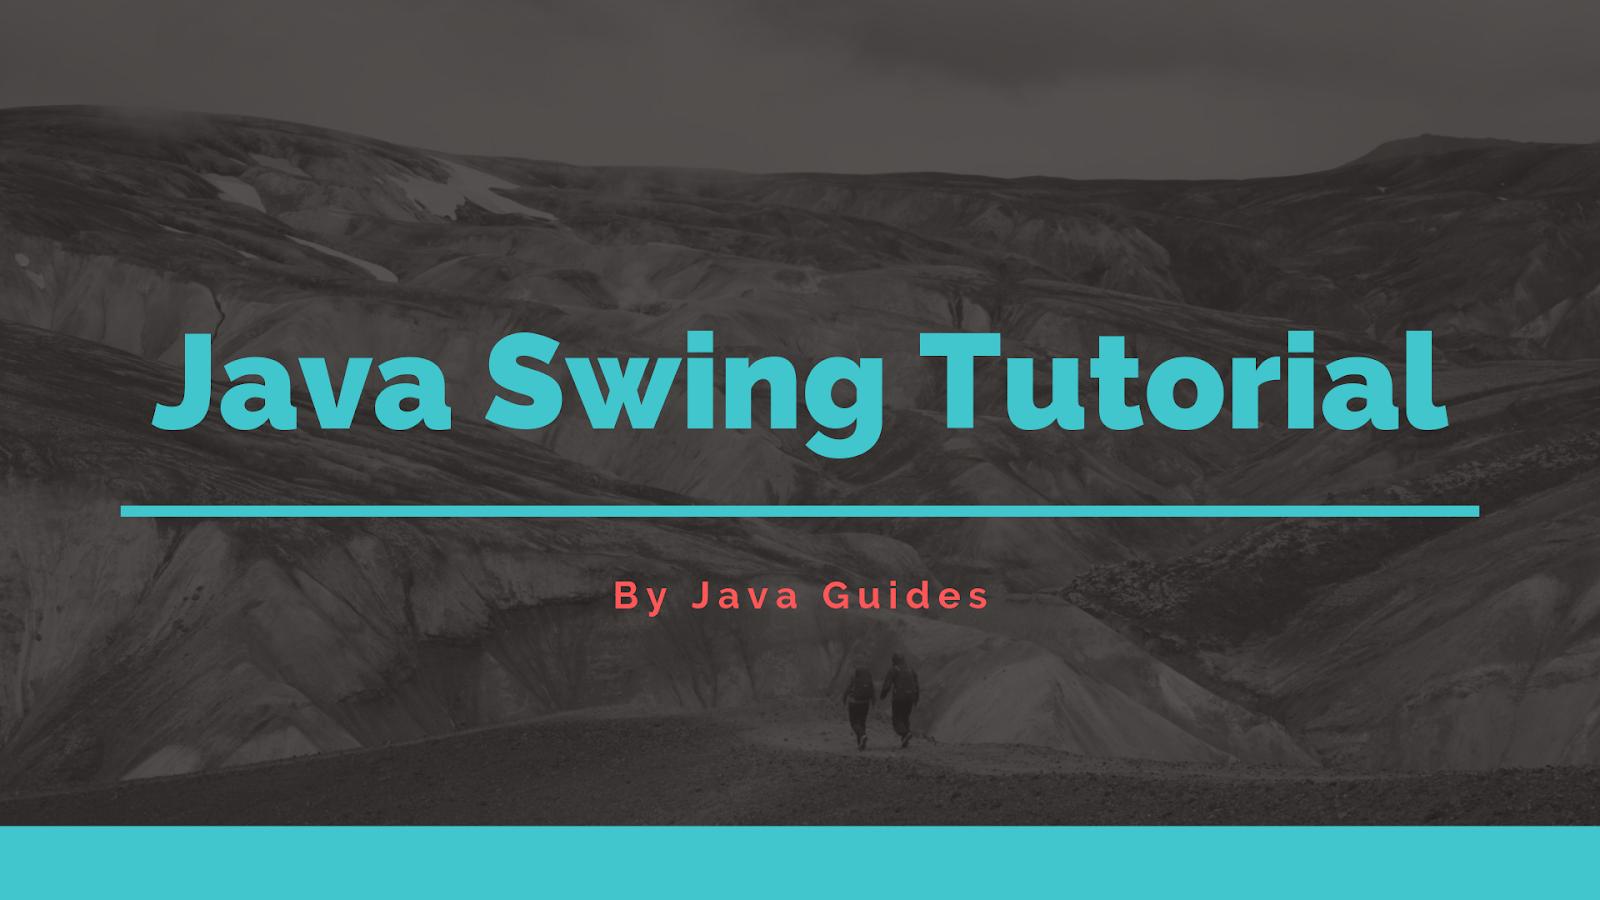 Java Swing Tutorial